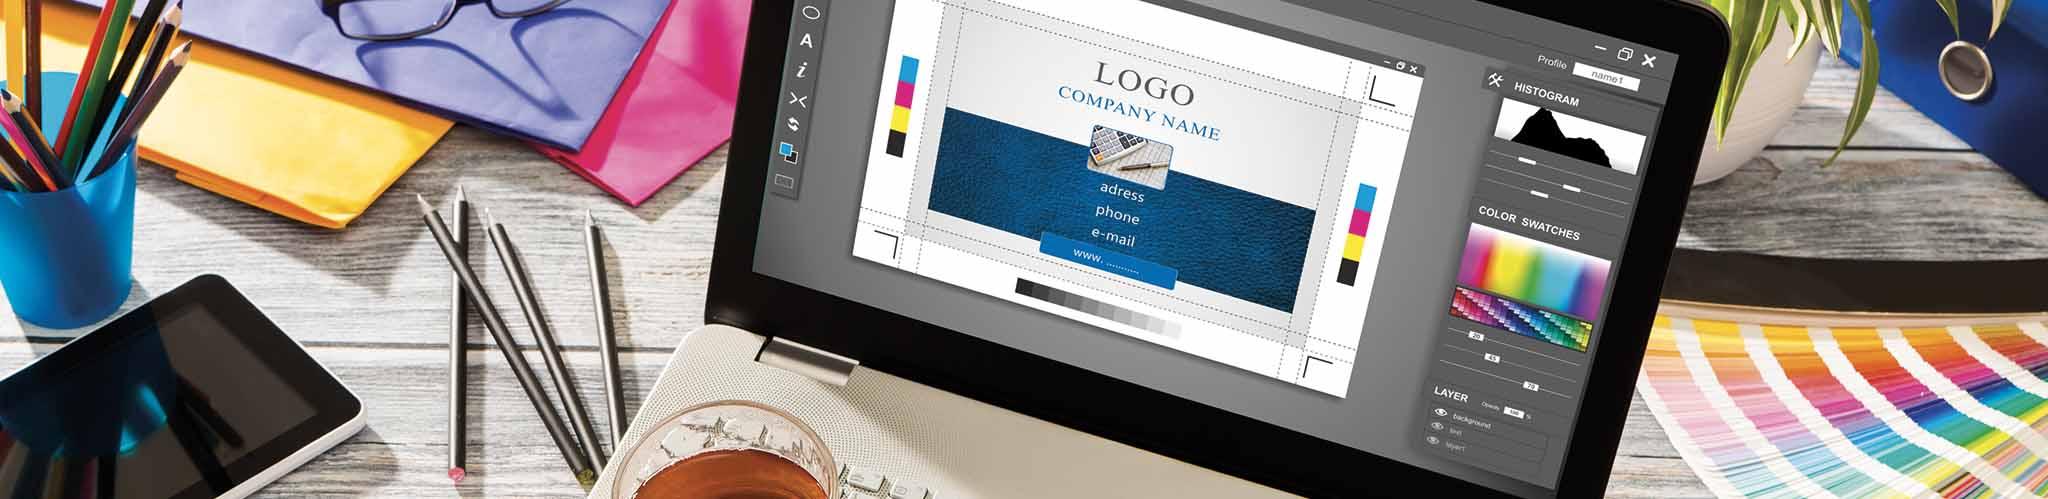 OtterbachMedien Logodesign